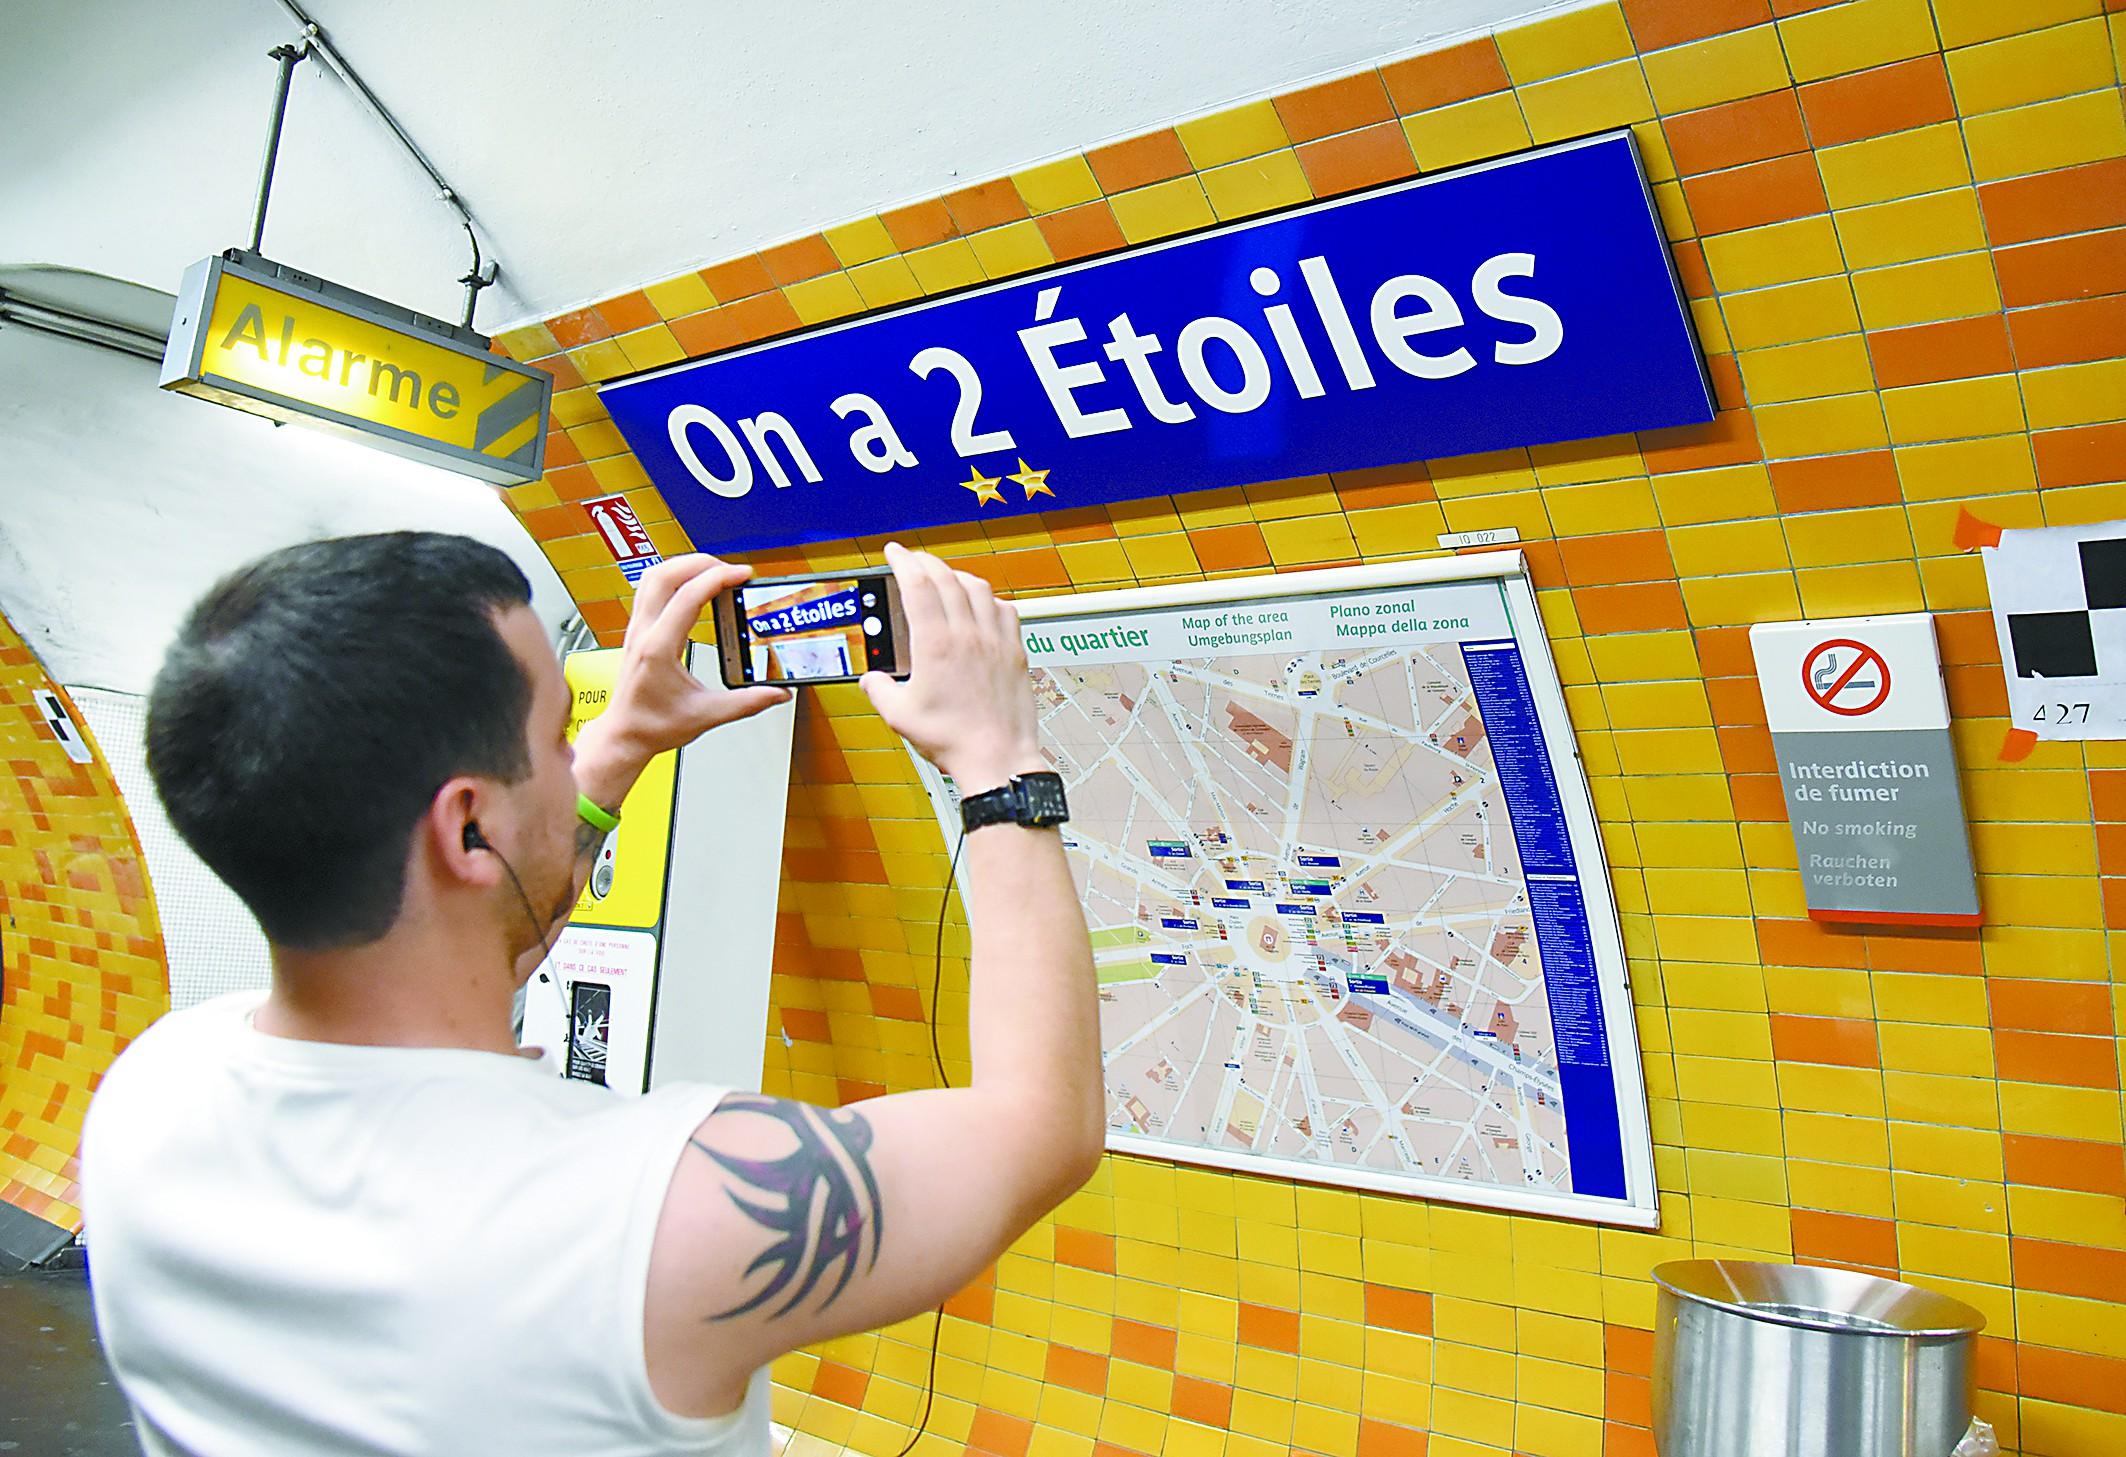 法国人爱在地铁搞法式浪漫